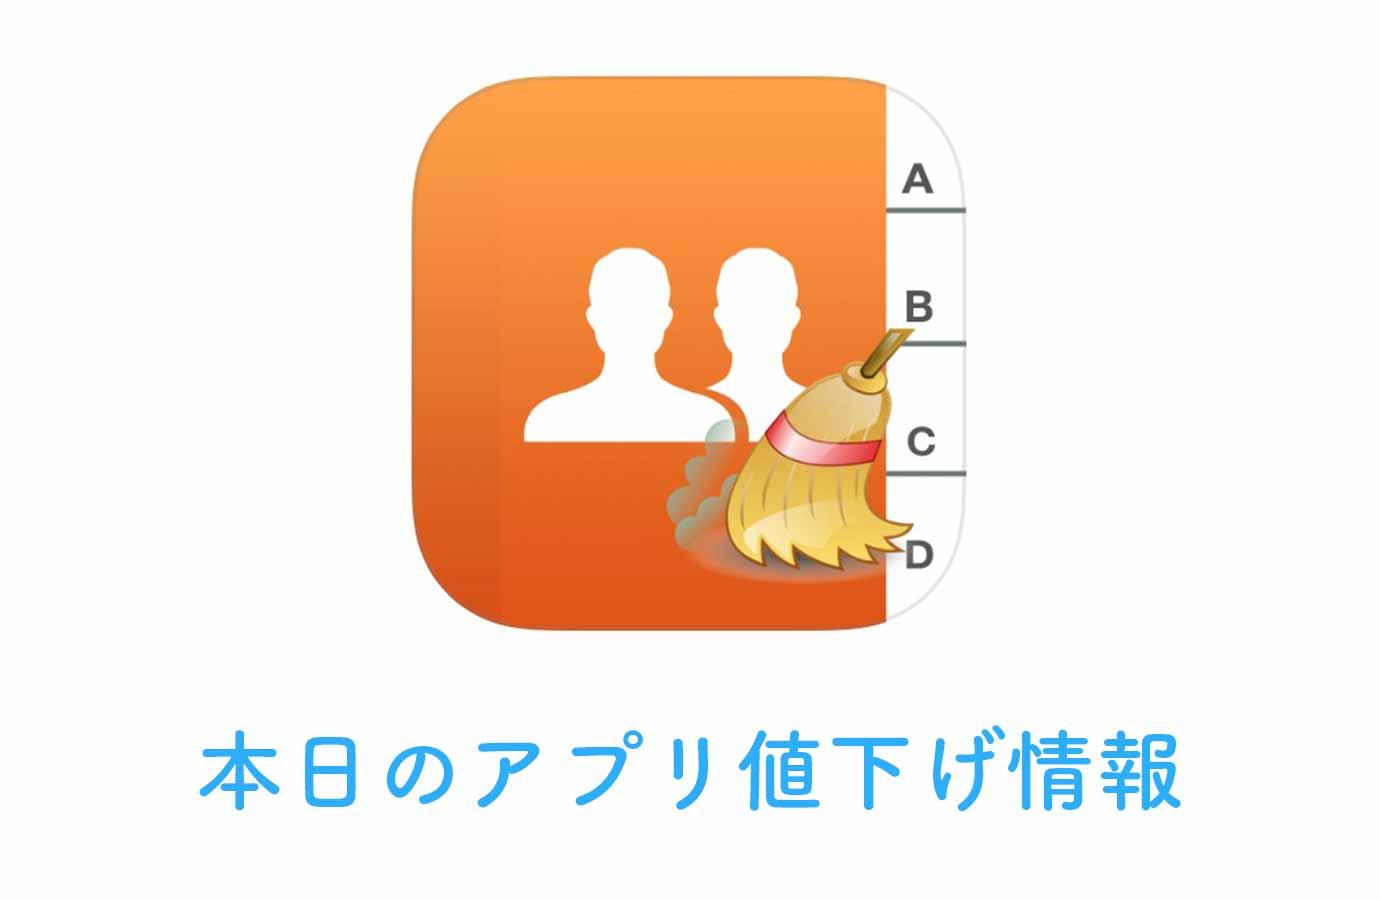 400円→無料!重複した連絡先を整理できる「Cleaner Pro」など【7/14版】アプリ値下げ情報